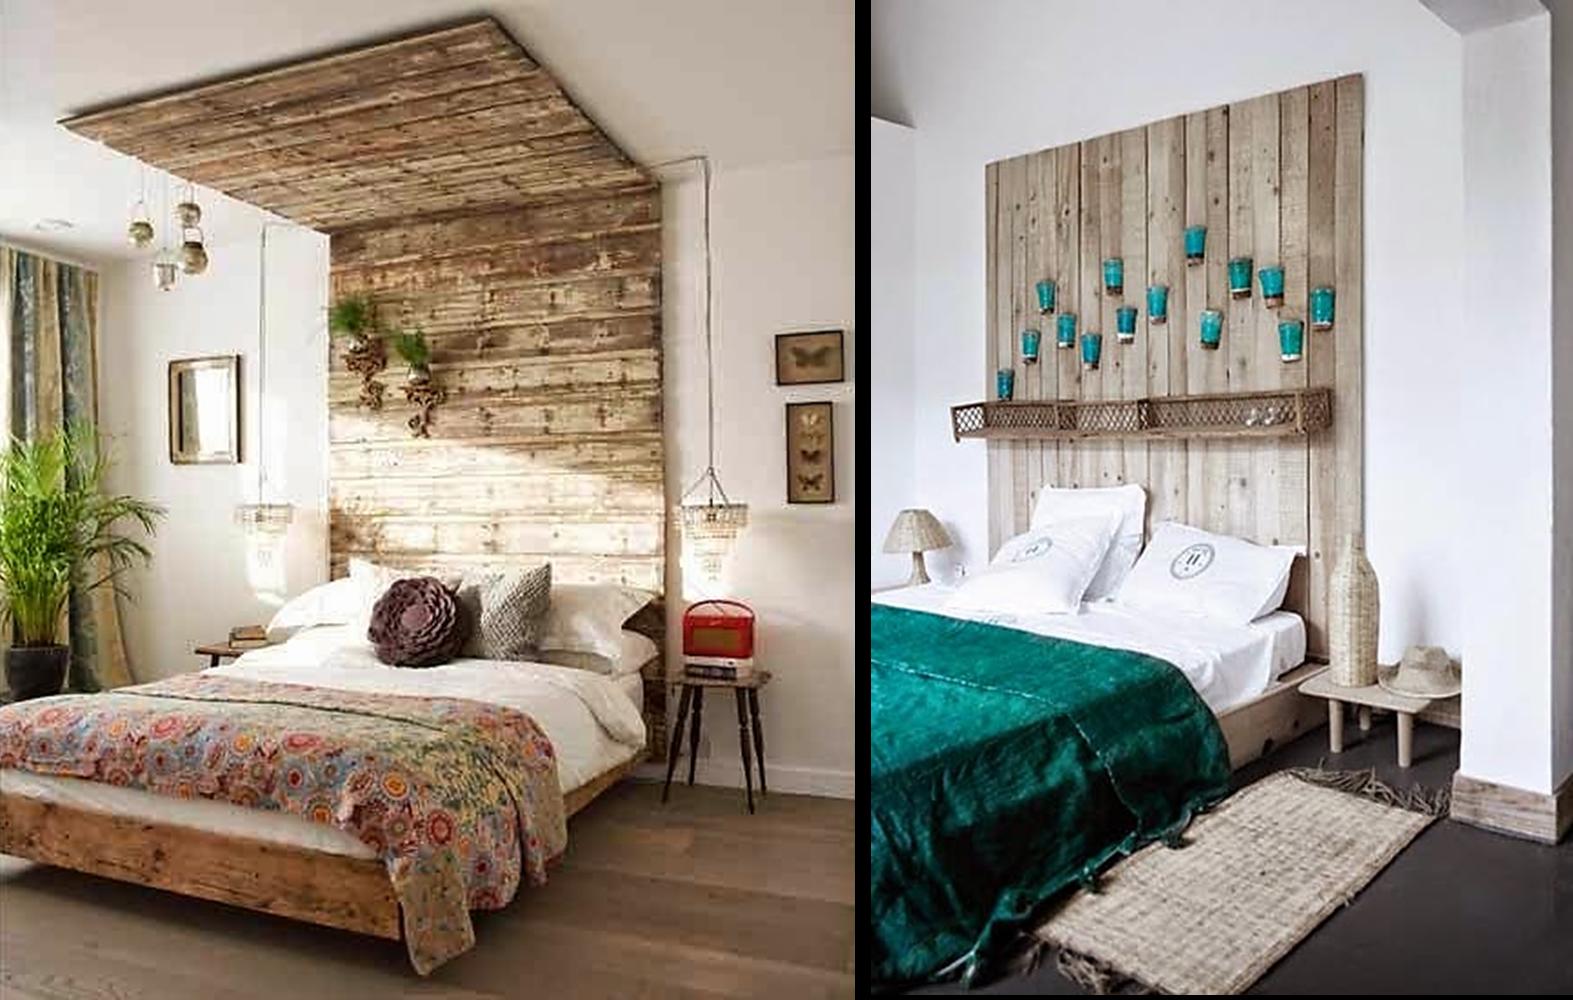 Decoraci n f cil decorando paredes con tablas de madera - Pared de madera decoracion ...